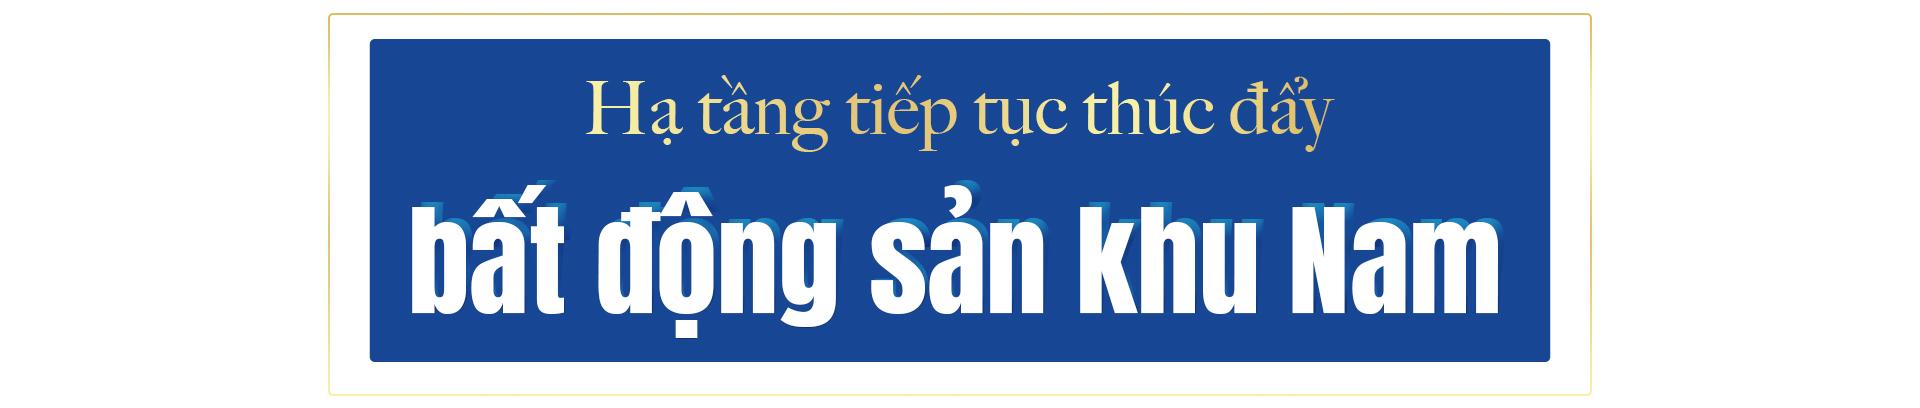 Địa ốc Nam Sài Gòn đón động lực tăng trưởng mới cuối năm 3